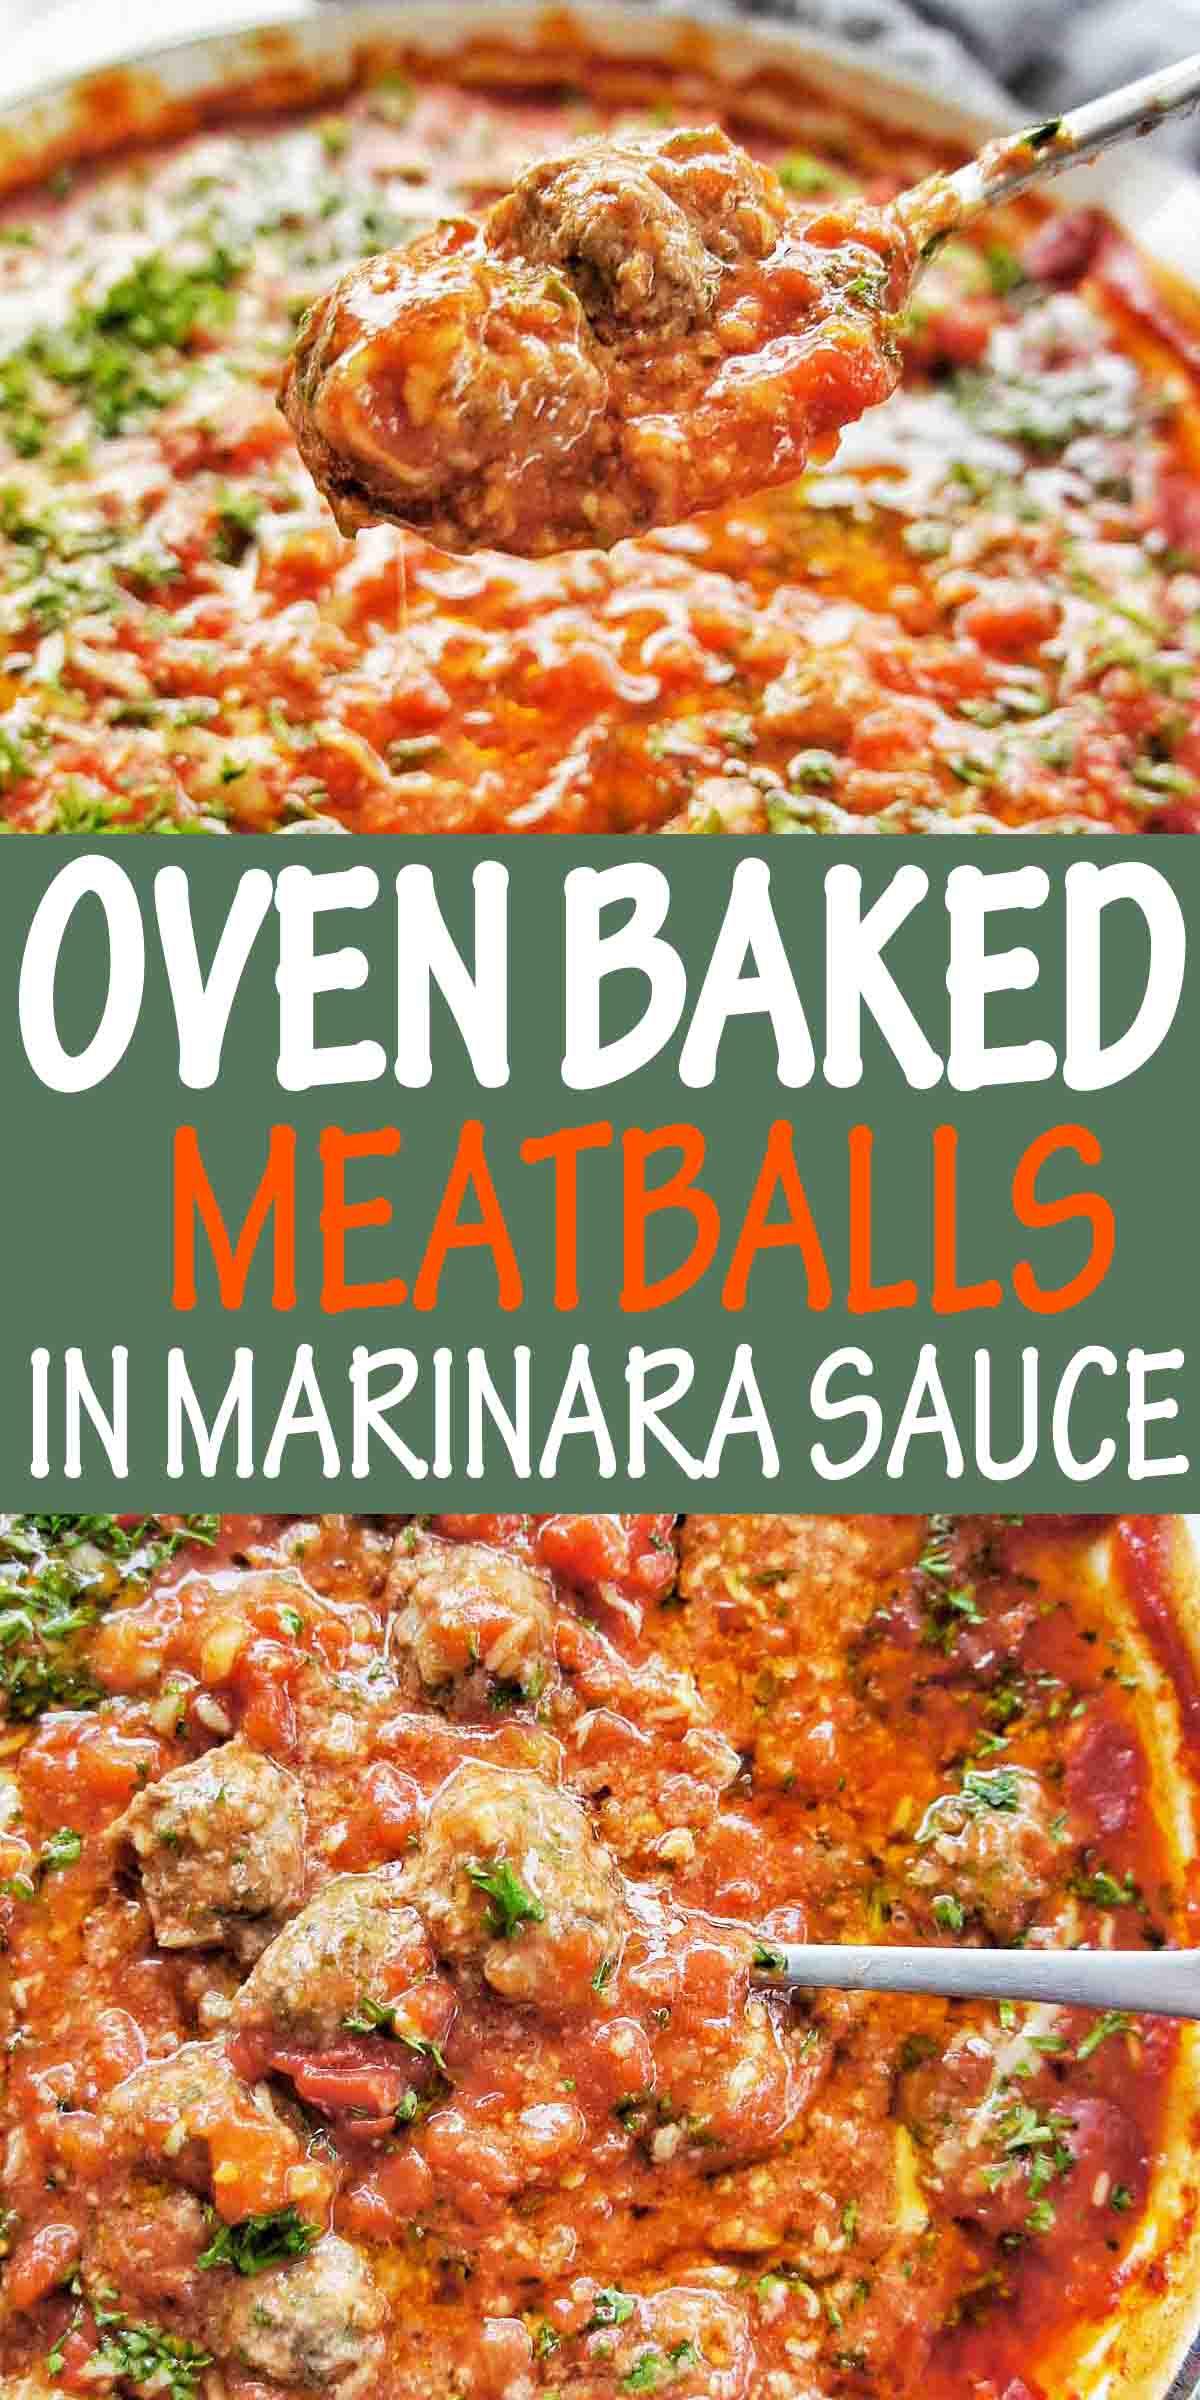 Oven Baked Meatballs in Marinara Sauce